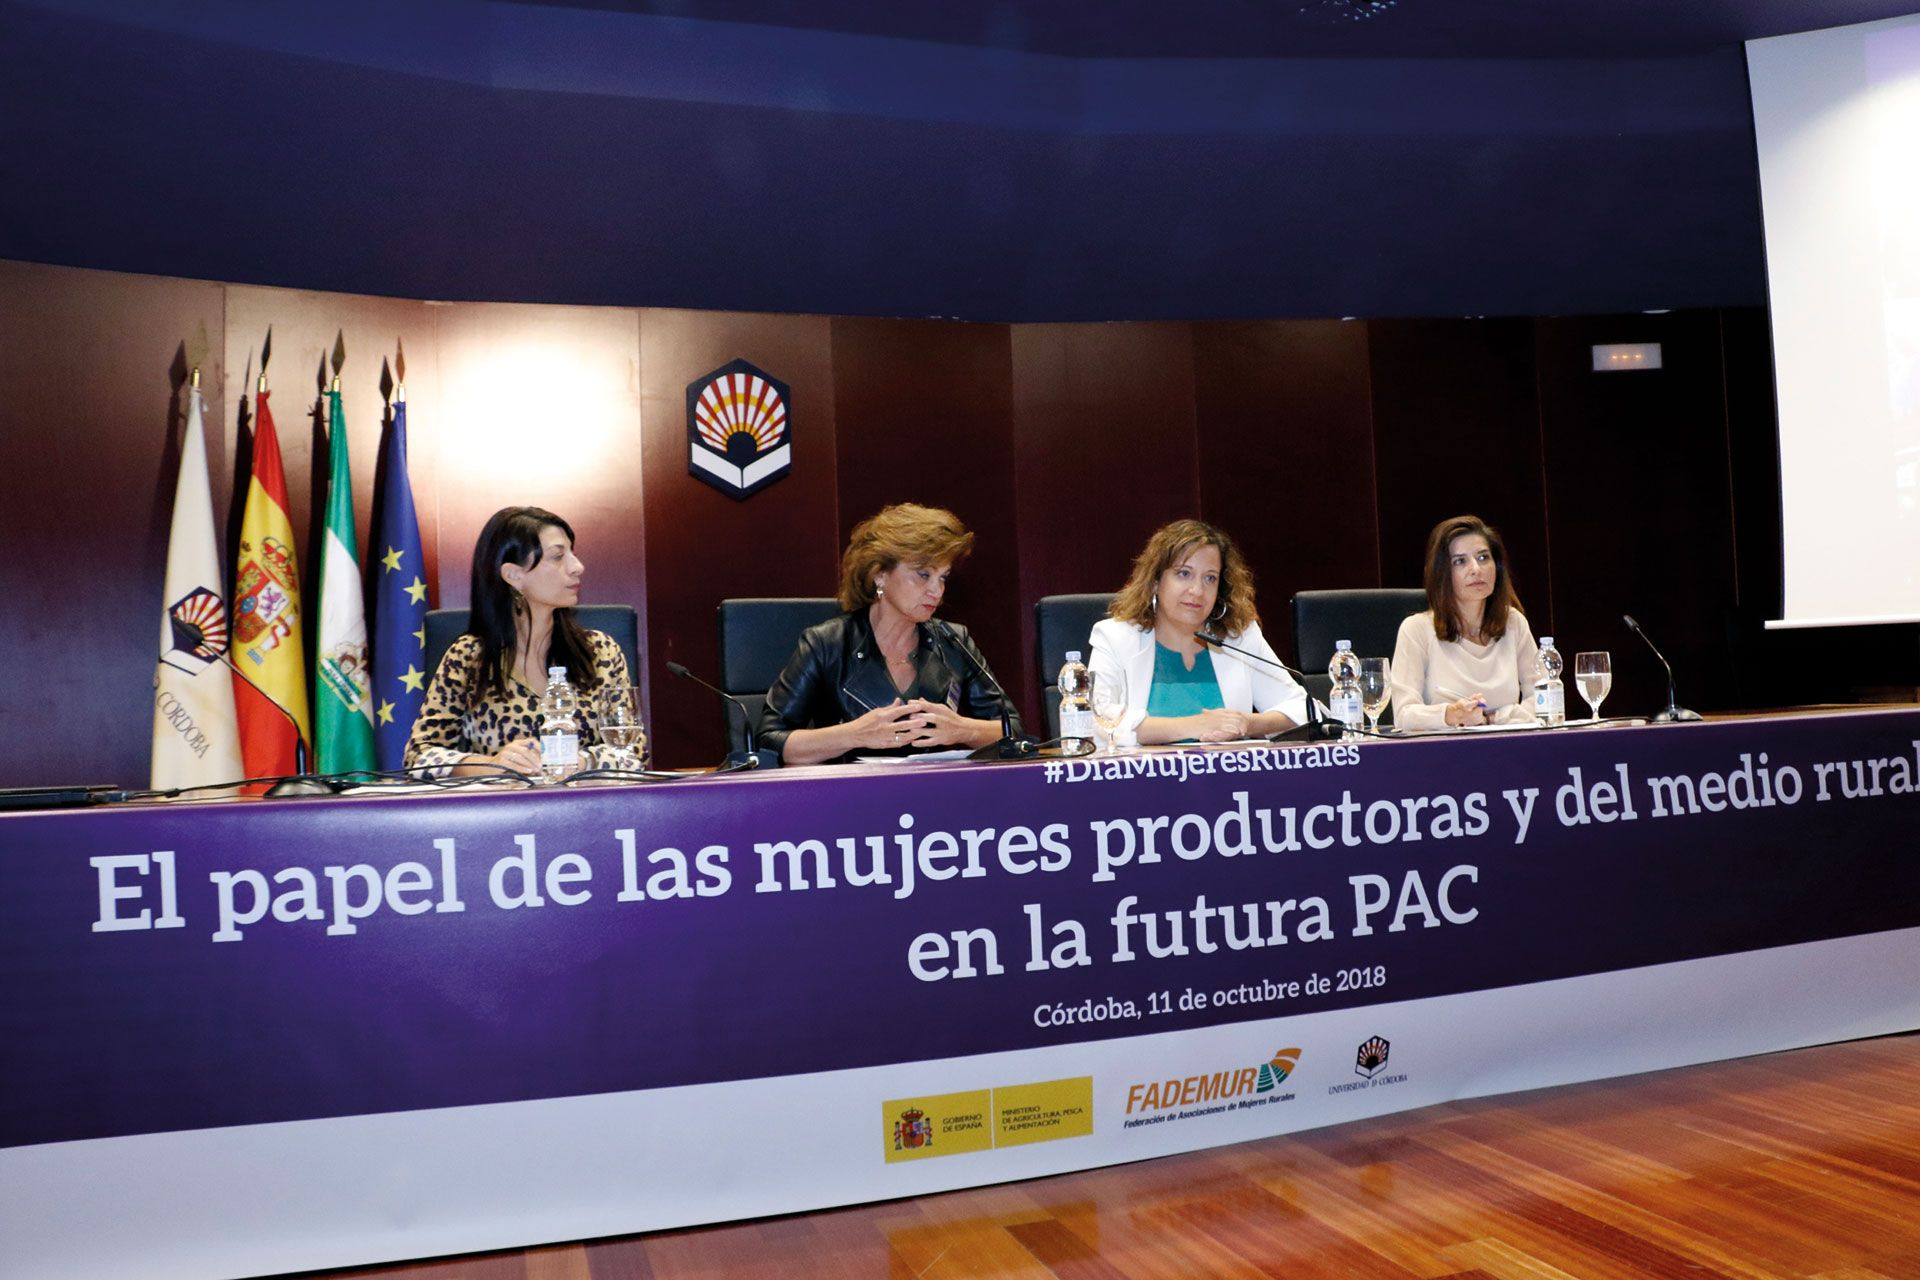 Revista AFRIGA — El papel de las mujeres productoras y del medio rural en la PAC